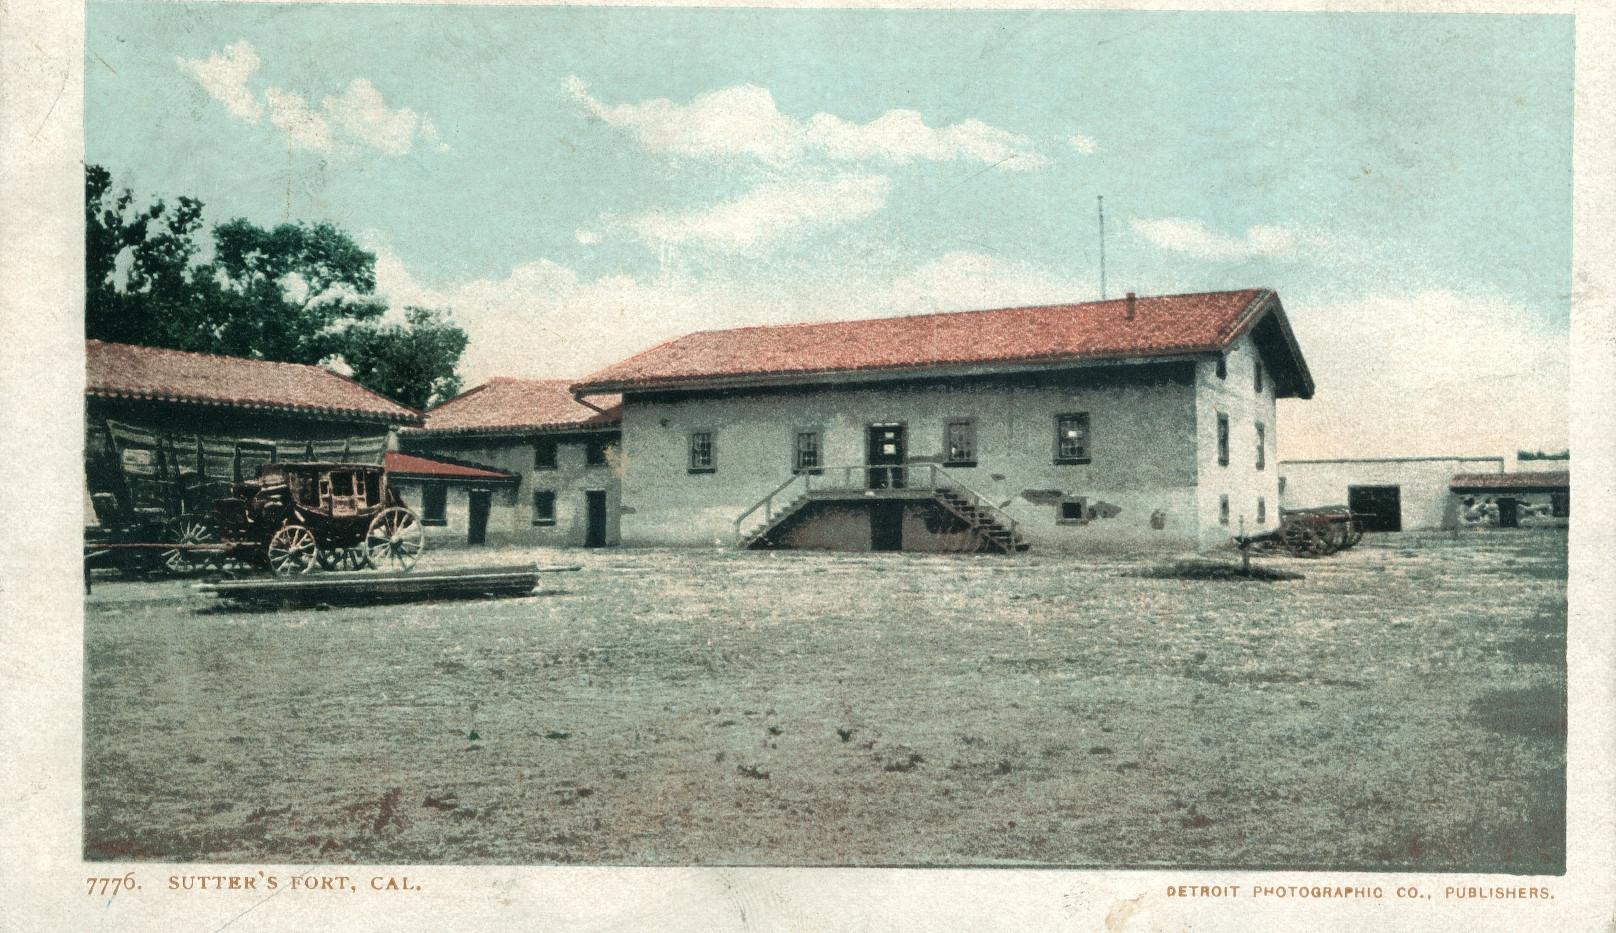 Sutter's Fort, California